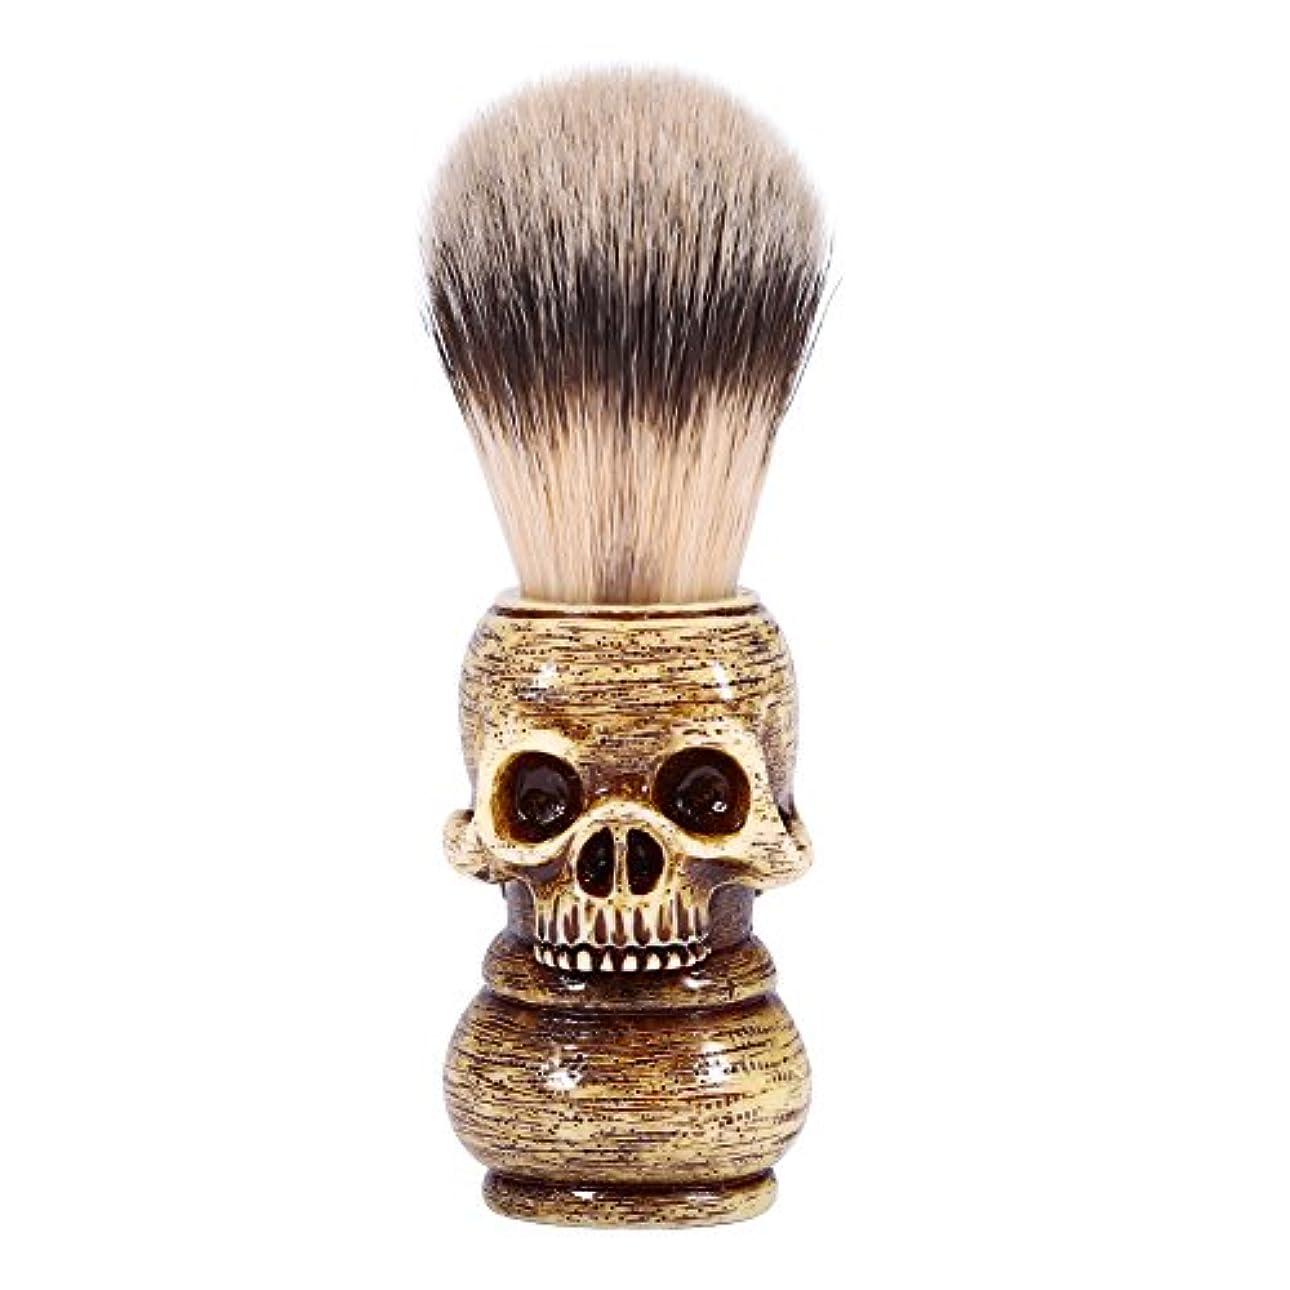 相対サイズポンプ動かすシェービングブラシ メンズ グルーミングツール メイクアップ サロン ビアードシェービングブラシ ひげ 洗顔 髭剃り 男性 ギフト理容